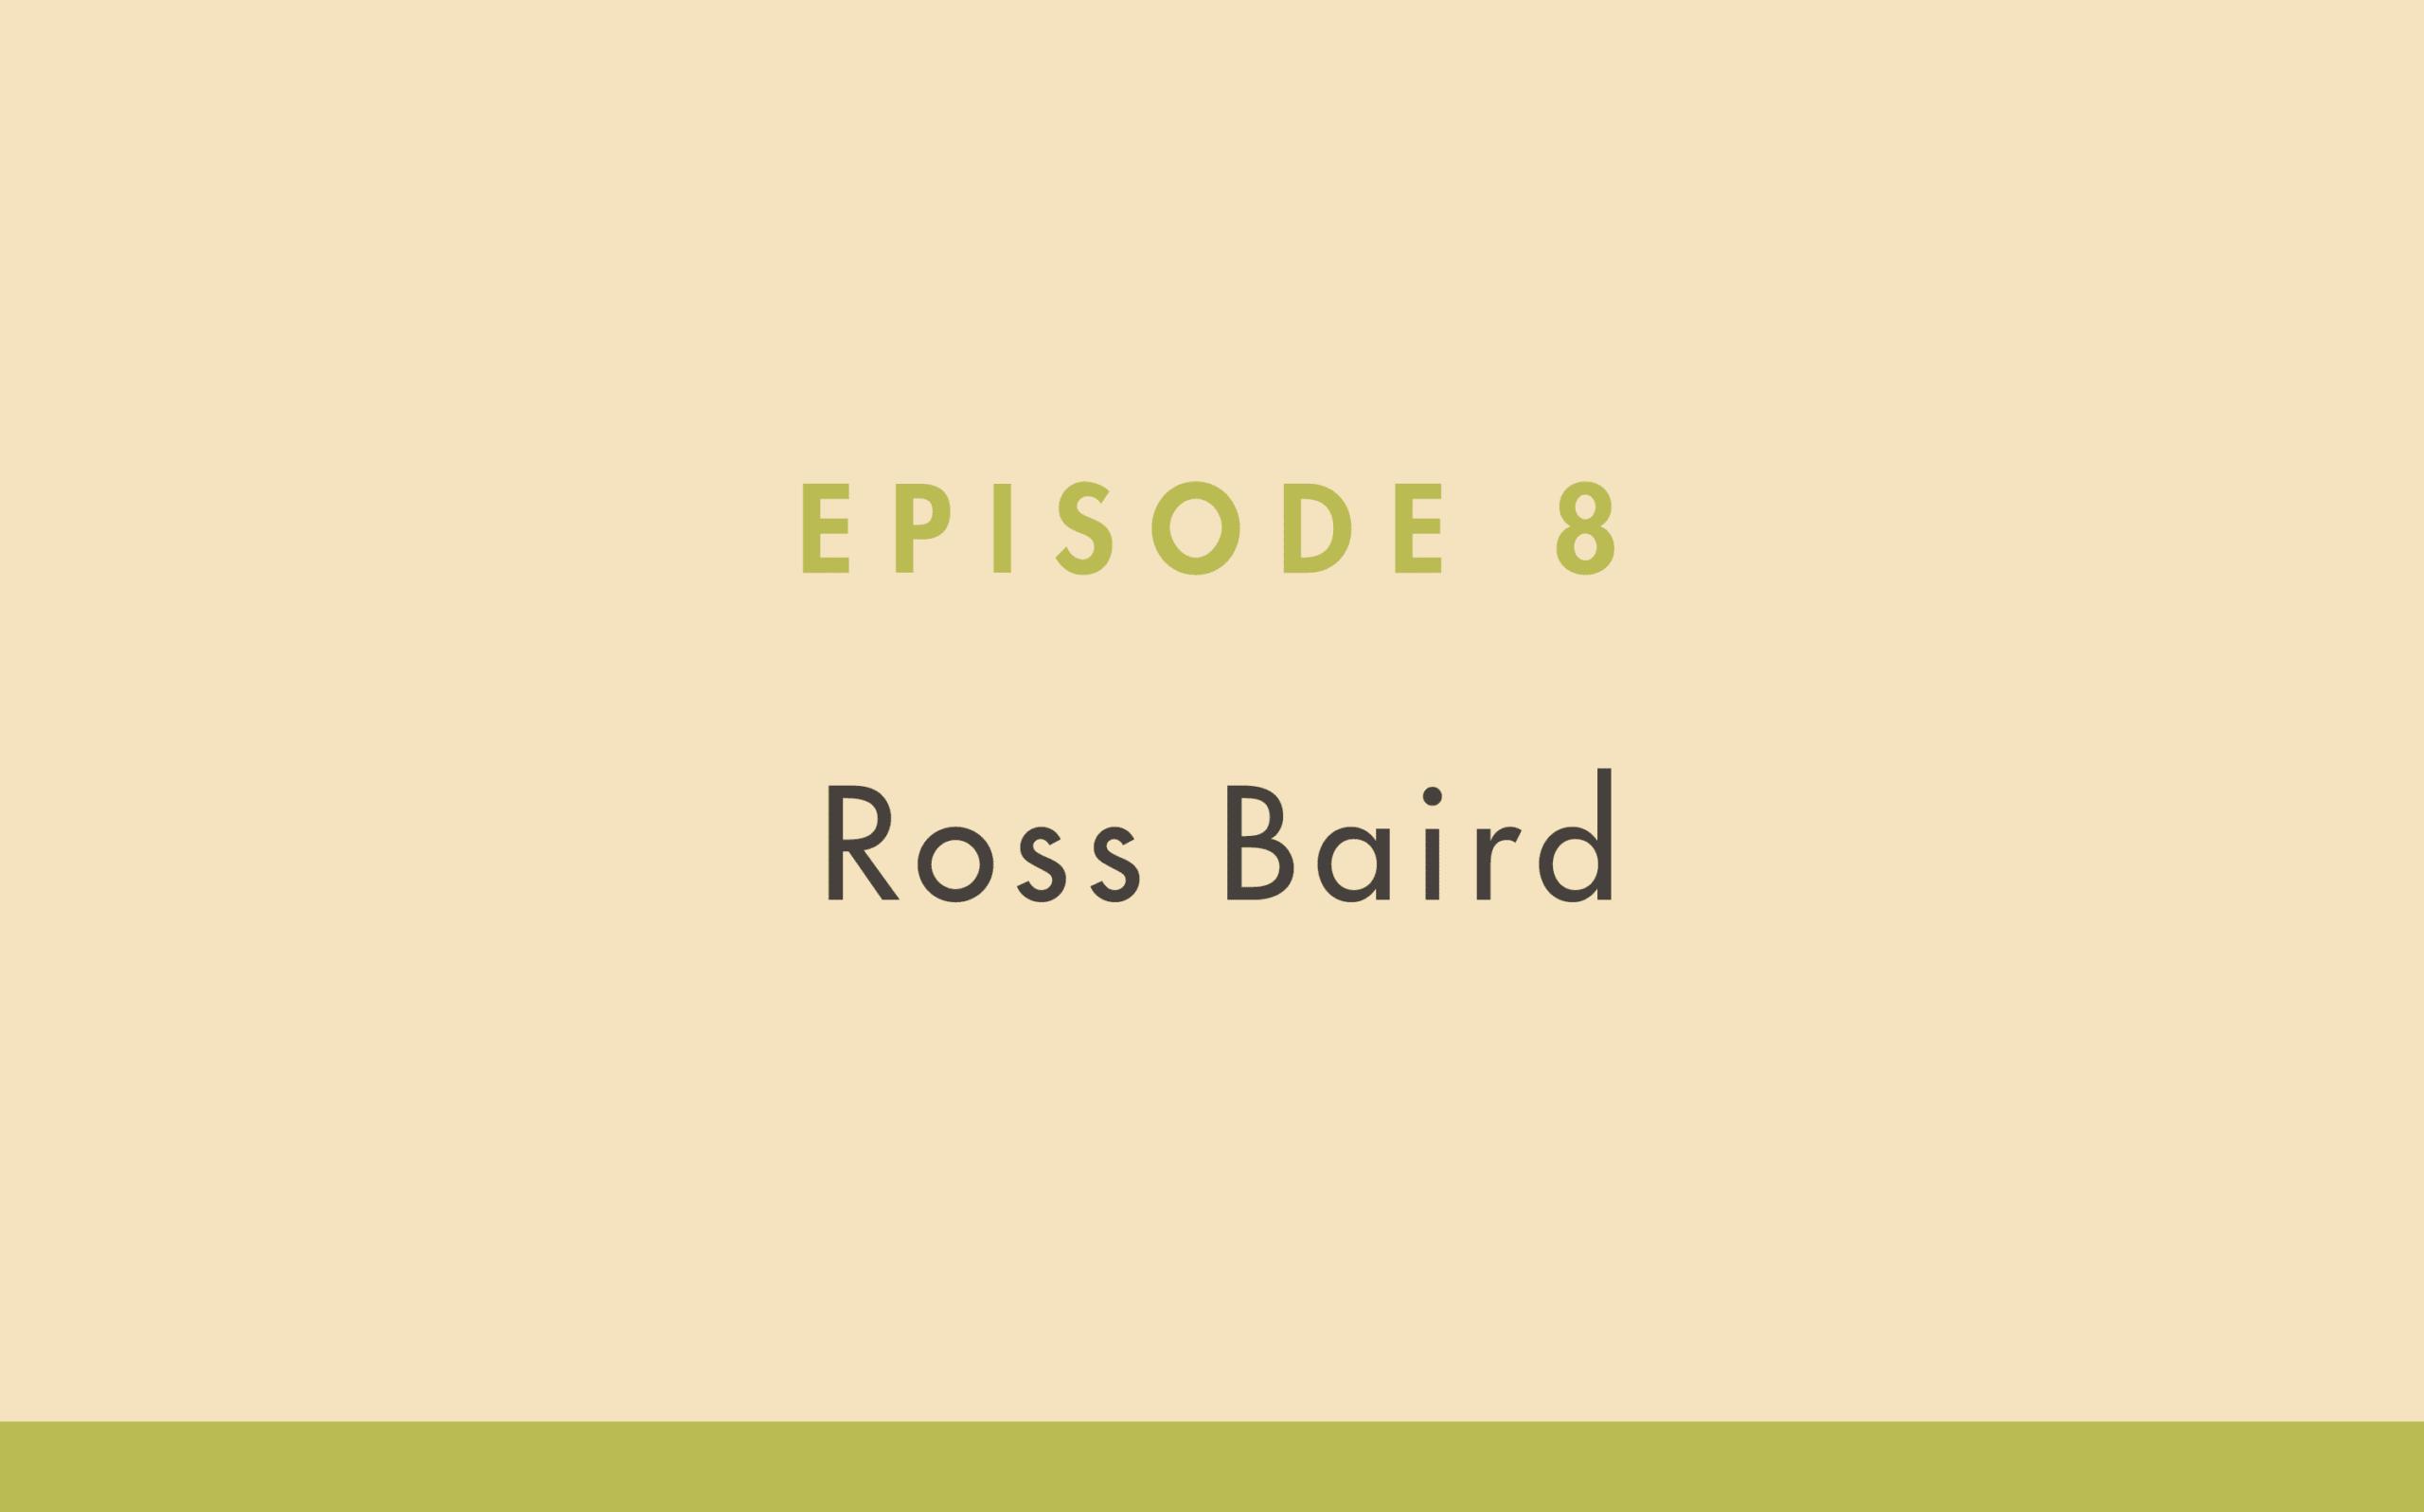 Ross Baird